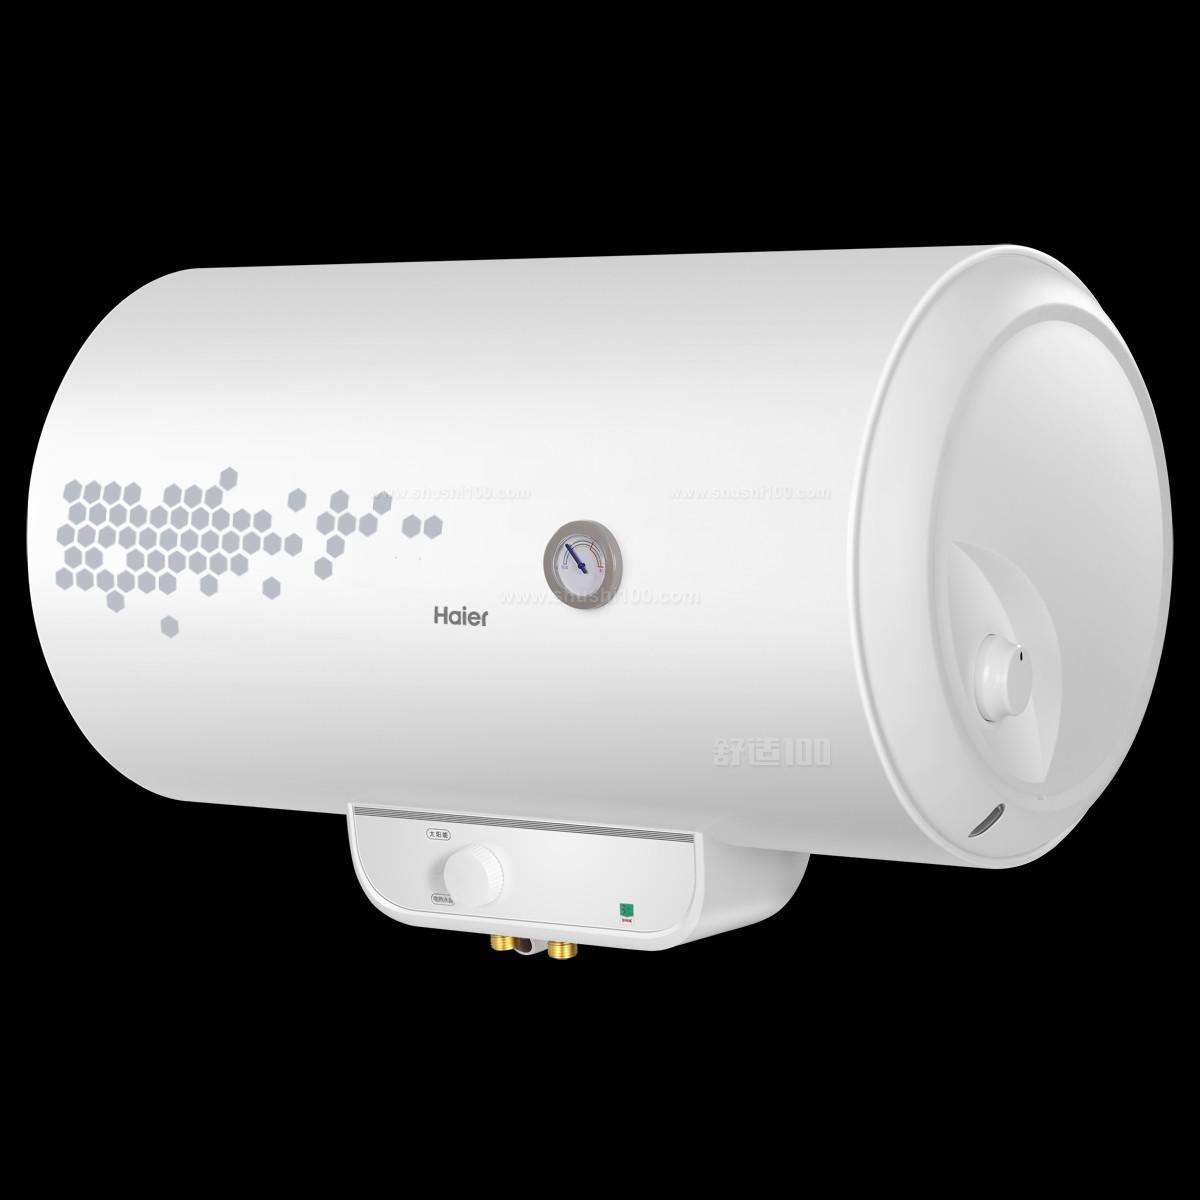 海尔电热水器多少钱—海尔电热水器的价格介绍